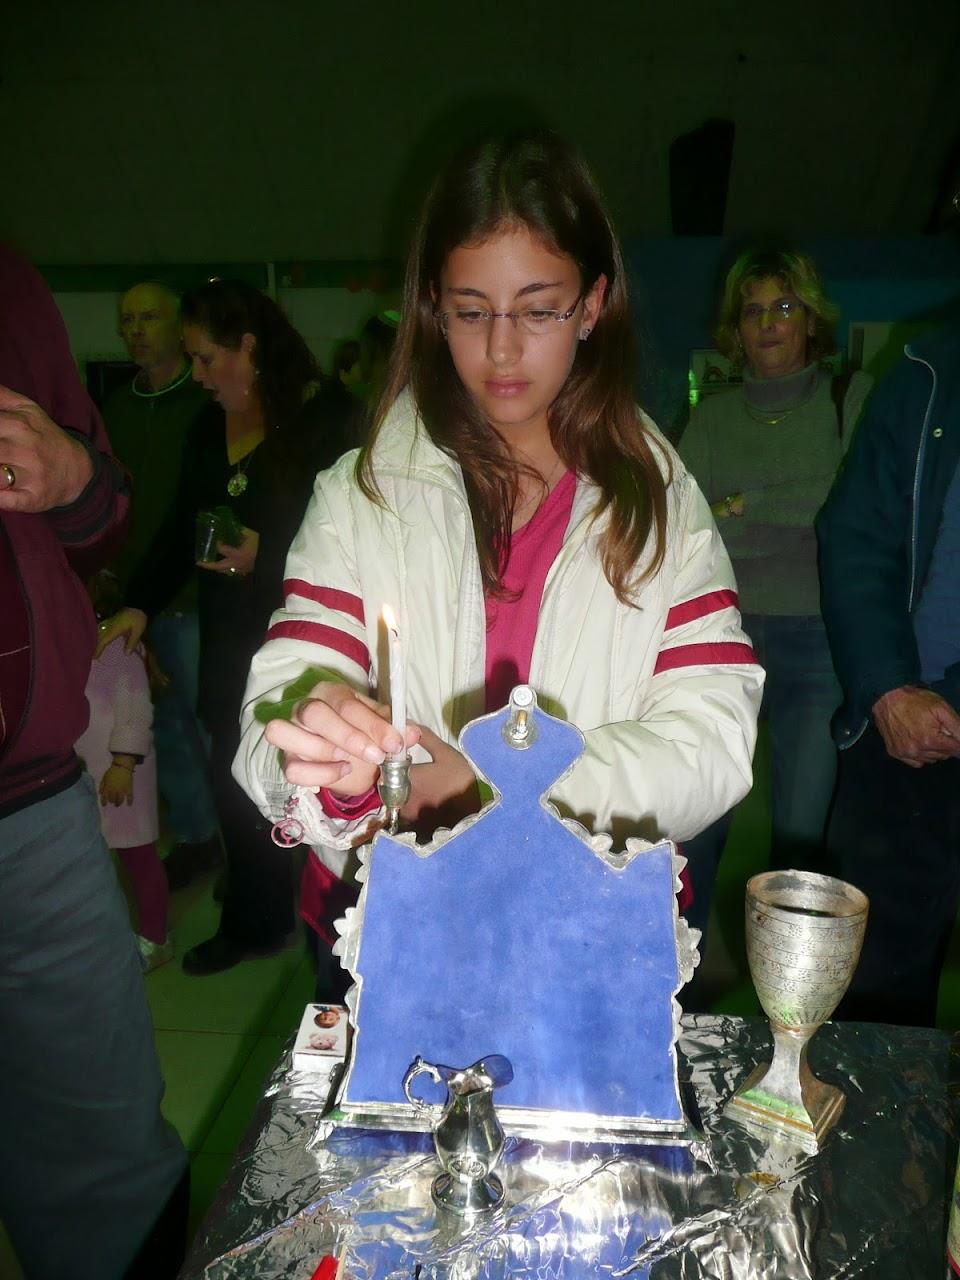 Hanukkah 2009  - 2009-12-12 17.41.57.jpg